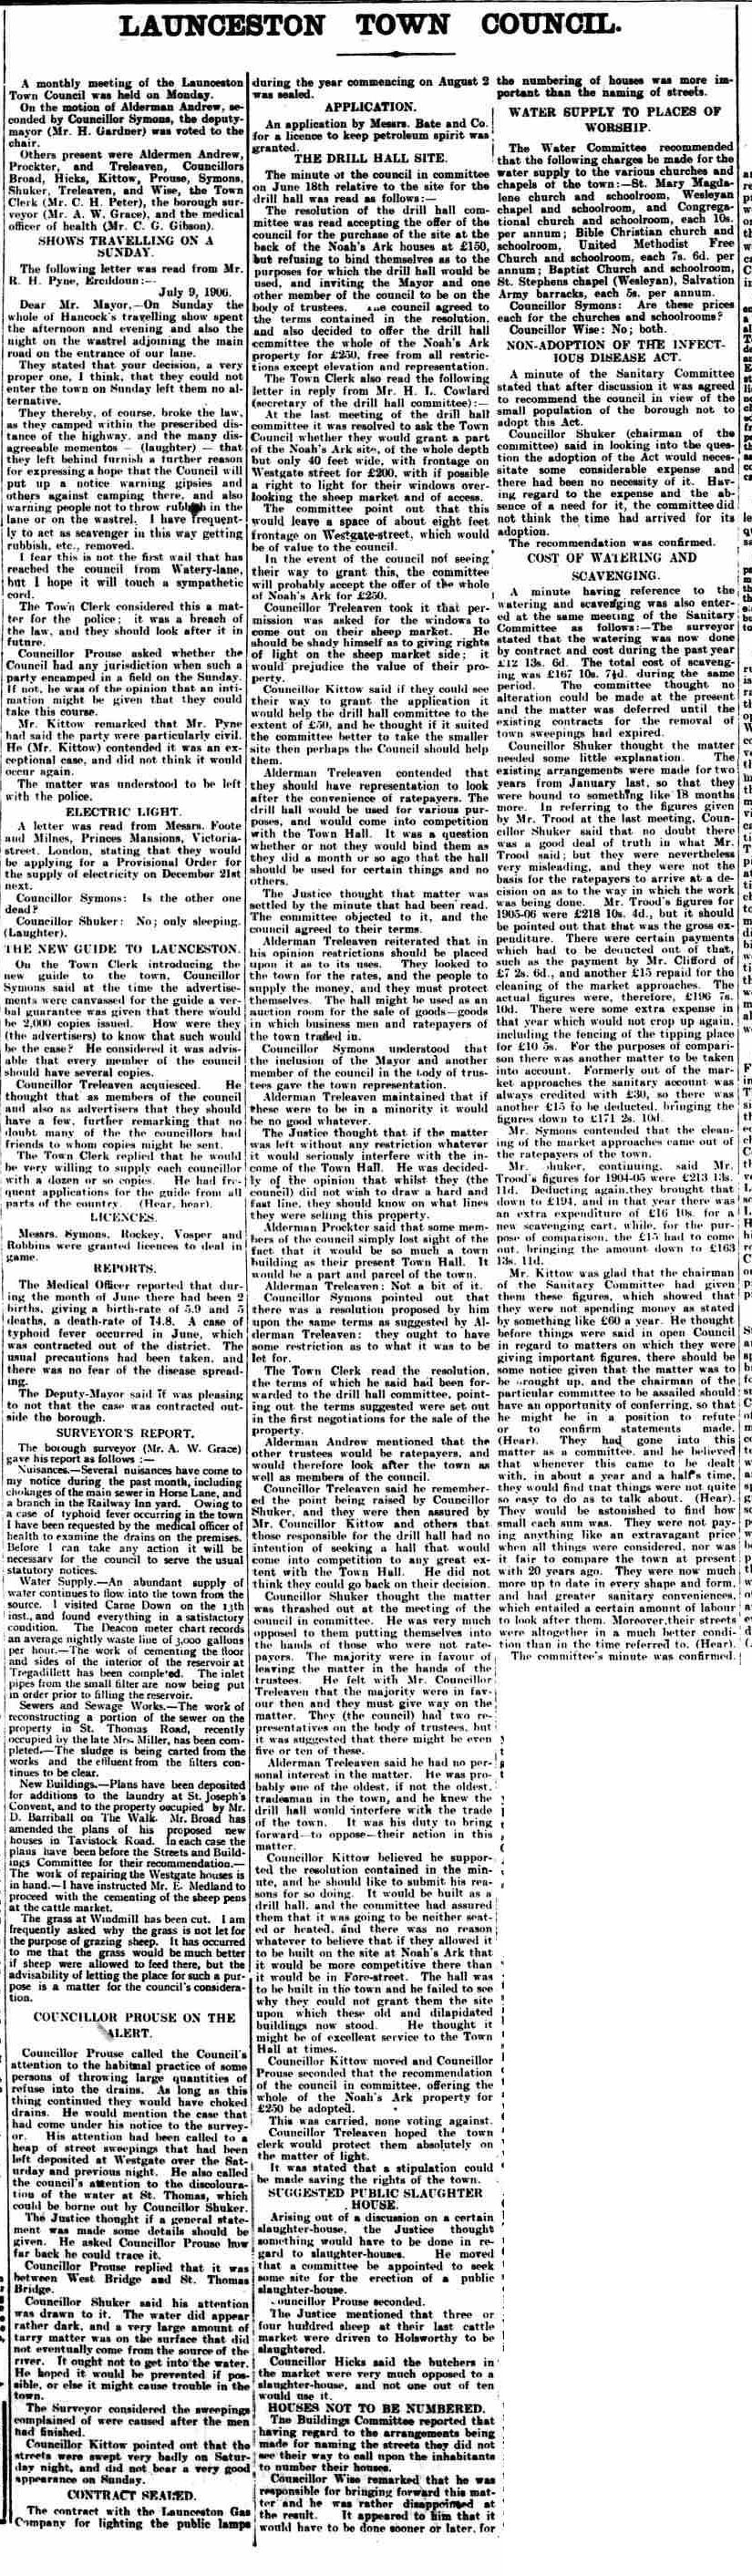 21 July 1906